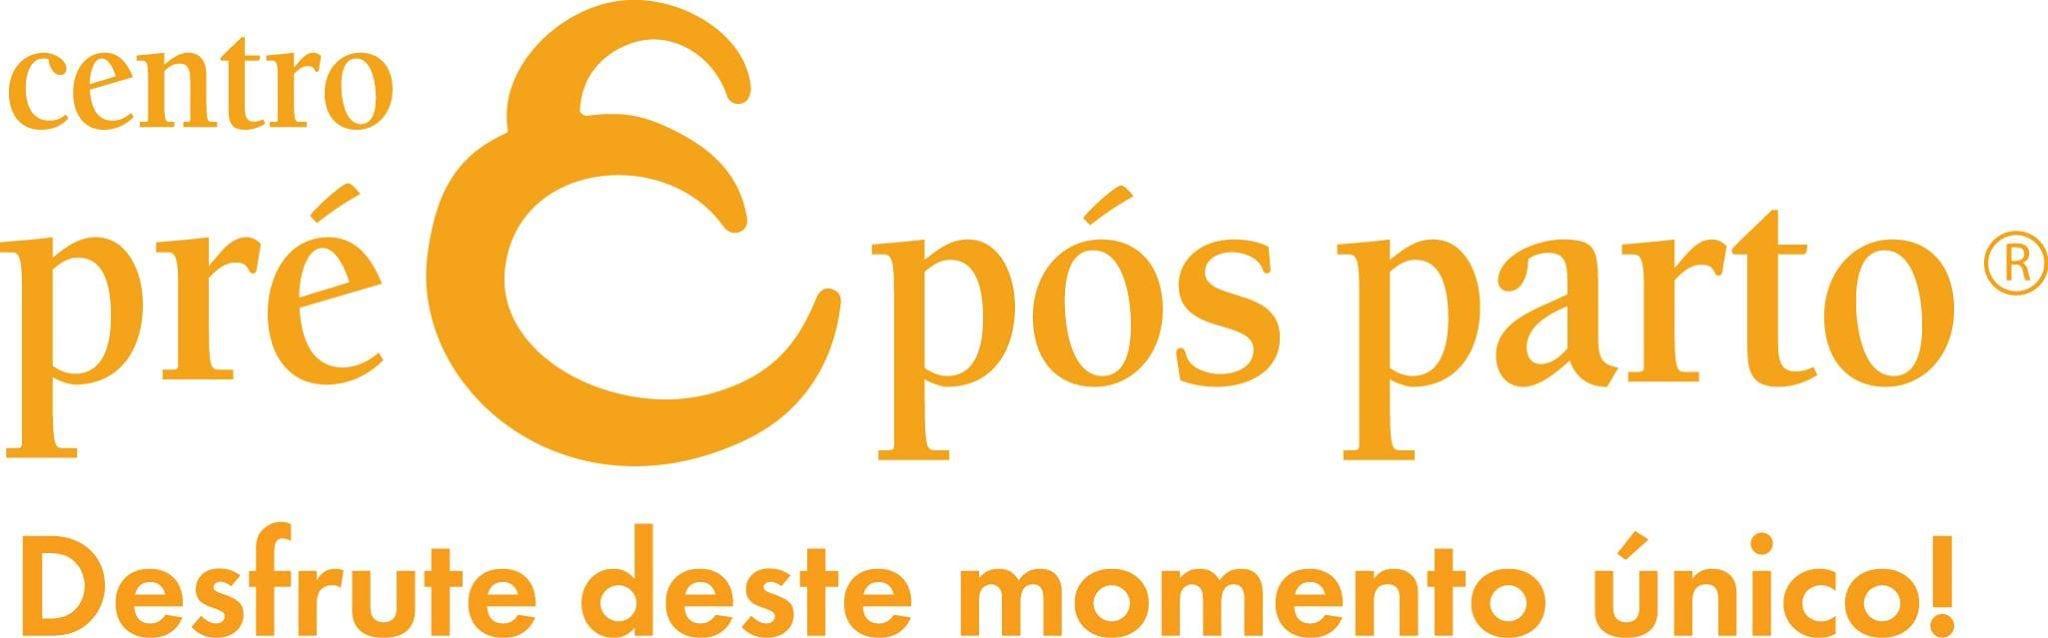 Parabéns aos melhores de Portugal! - centro pré e pós parto